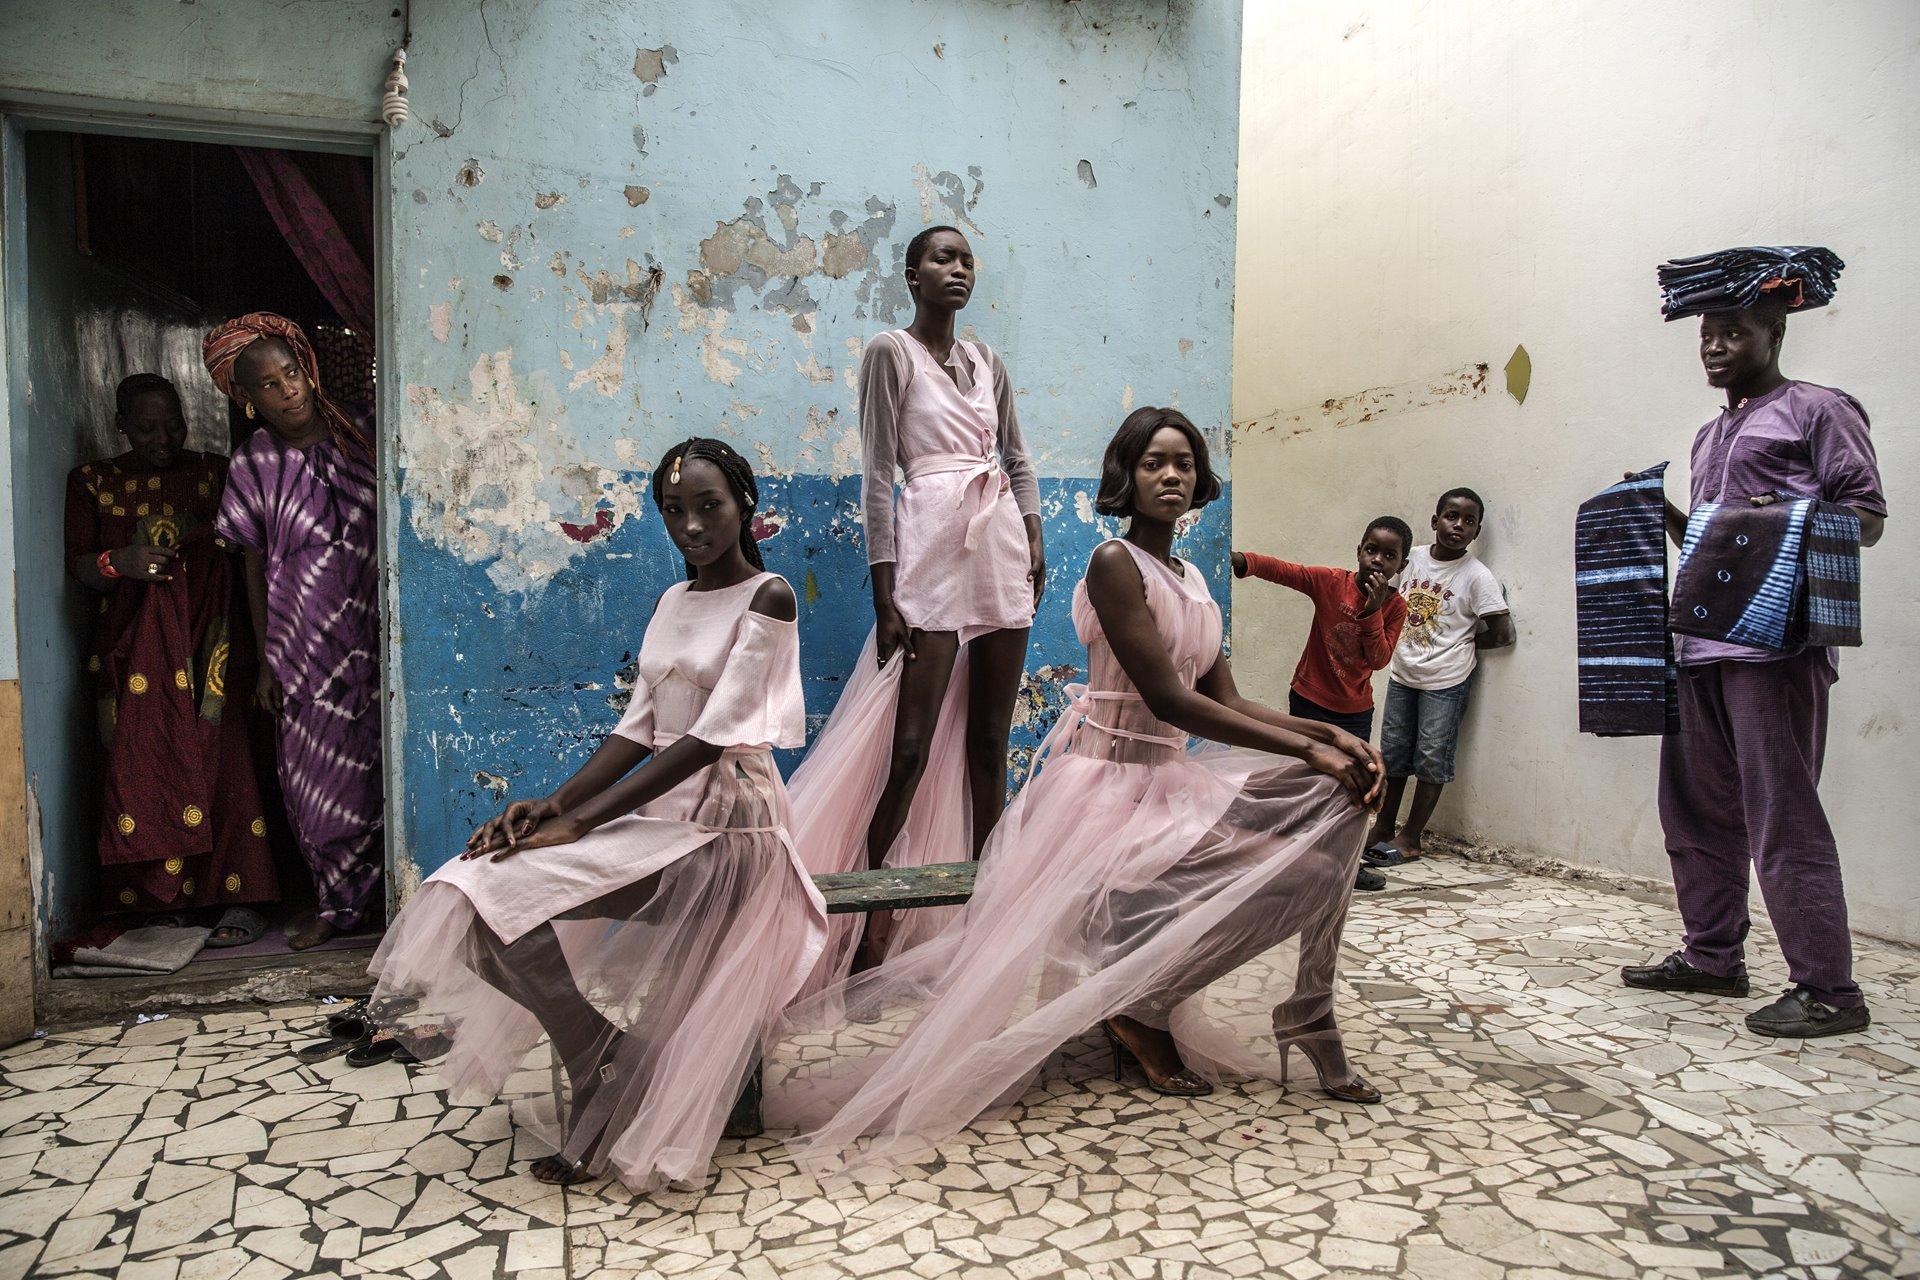 Diarra Ndiaye, Ndeye Fatou Mbaye y Malezi Sakho modelan los atuendos del diseñador Adama Paris, en el barrio de Medina en la capital senegalesa de Dakar, mientras los curiosos residentes observan. Dakar es un centro creciente de la moda franco-africana, y es el hogar de Fashion Africa TV, la primera cadena de televisión dedicada por completo a la moda en el continente / Foto: Finbarr O'Reilly